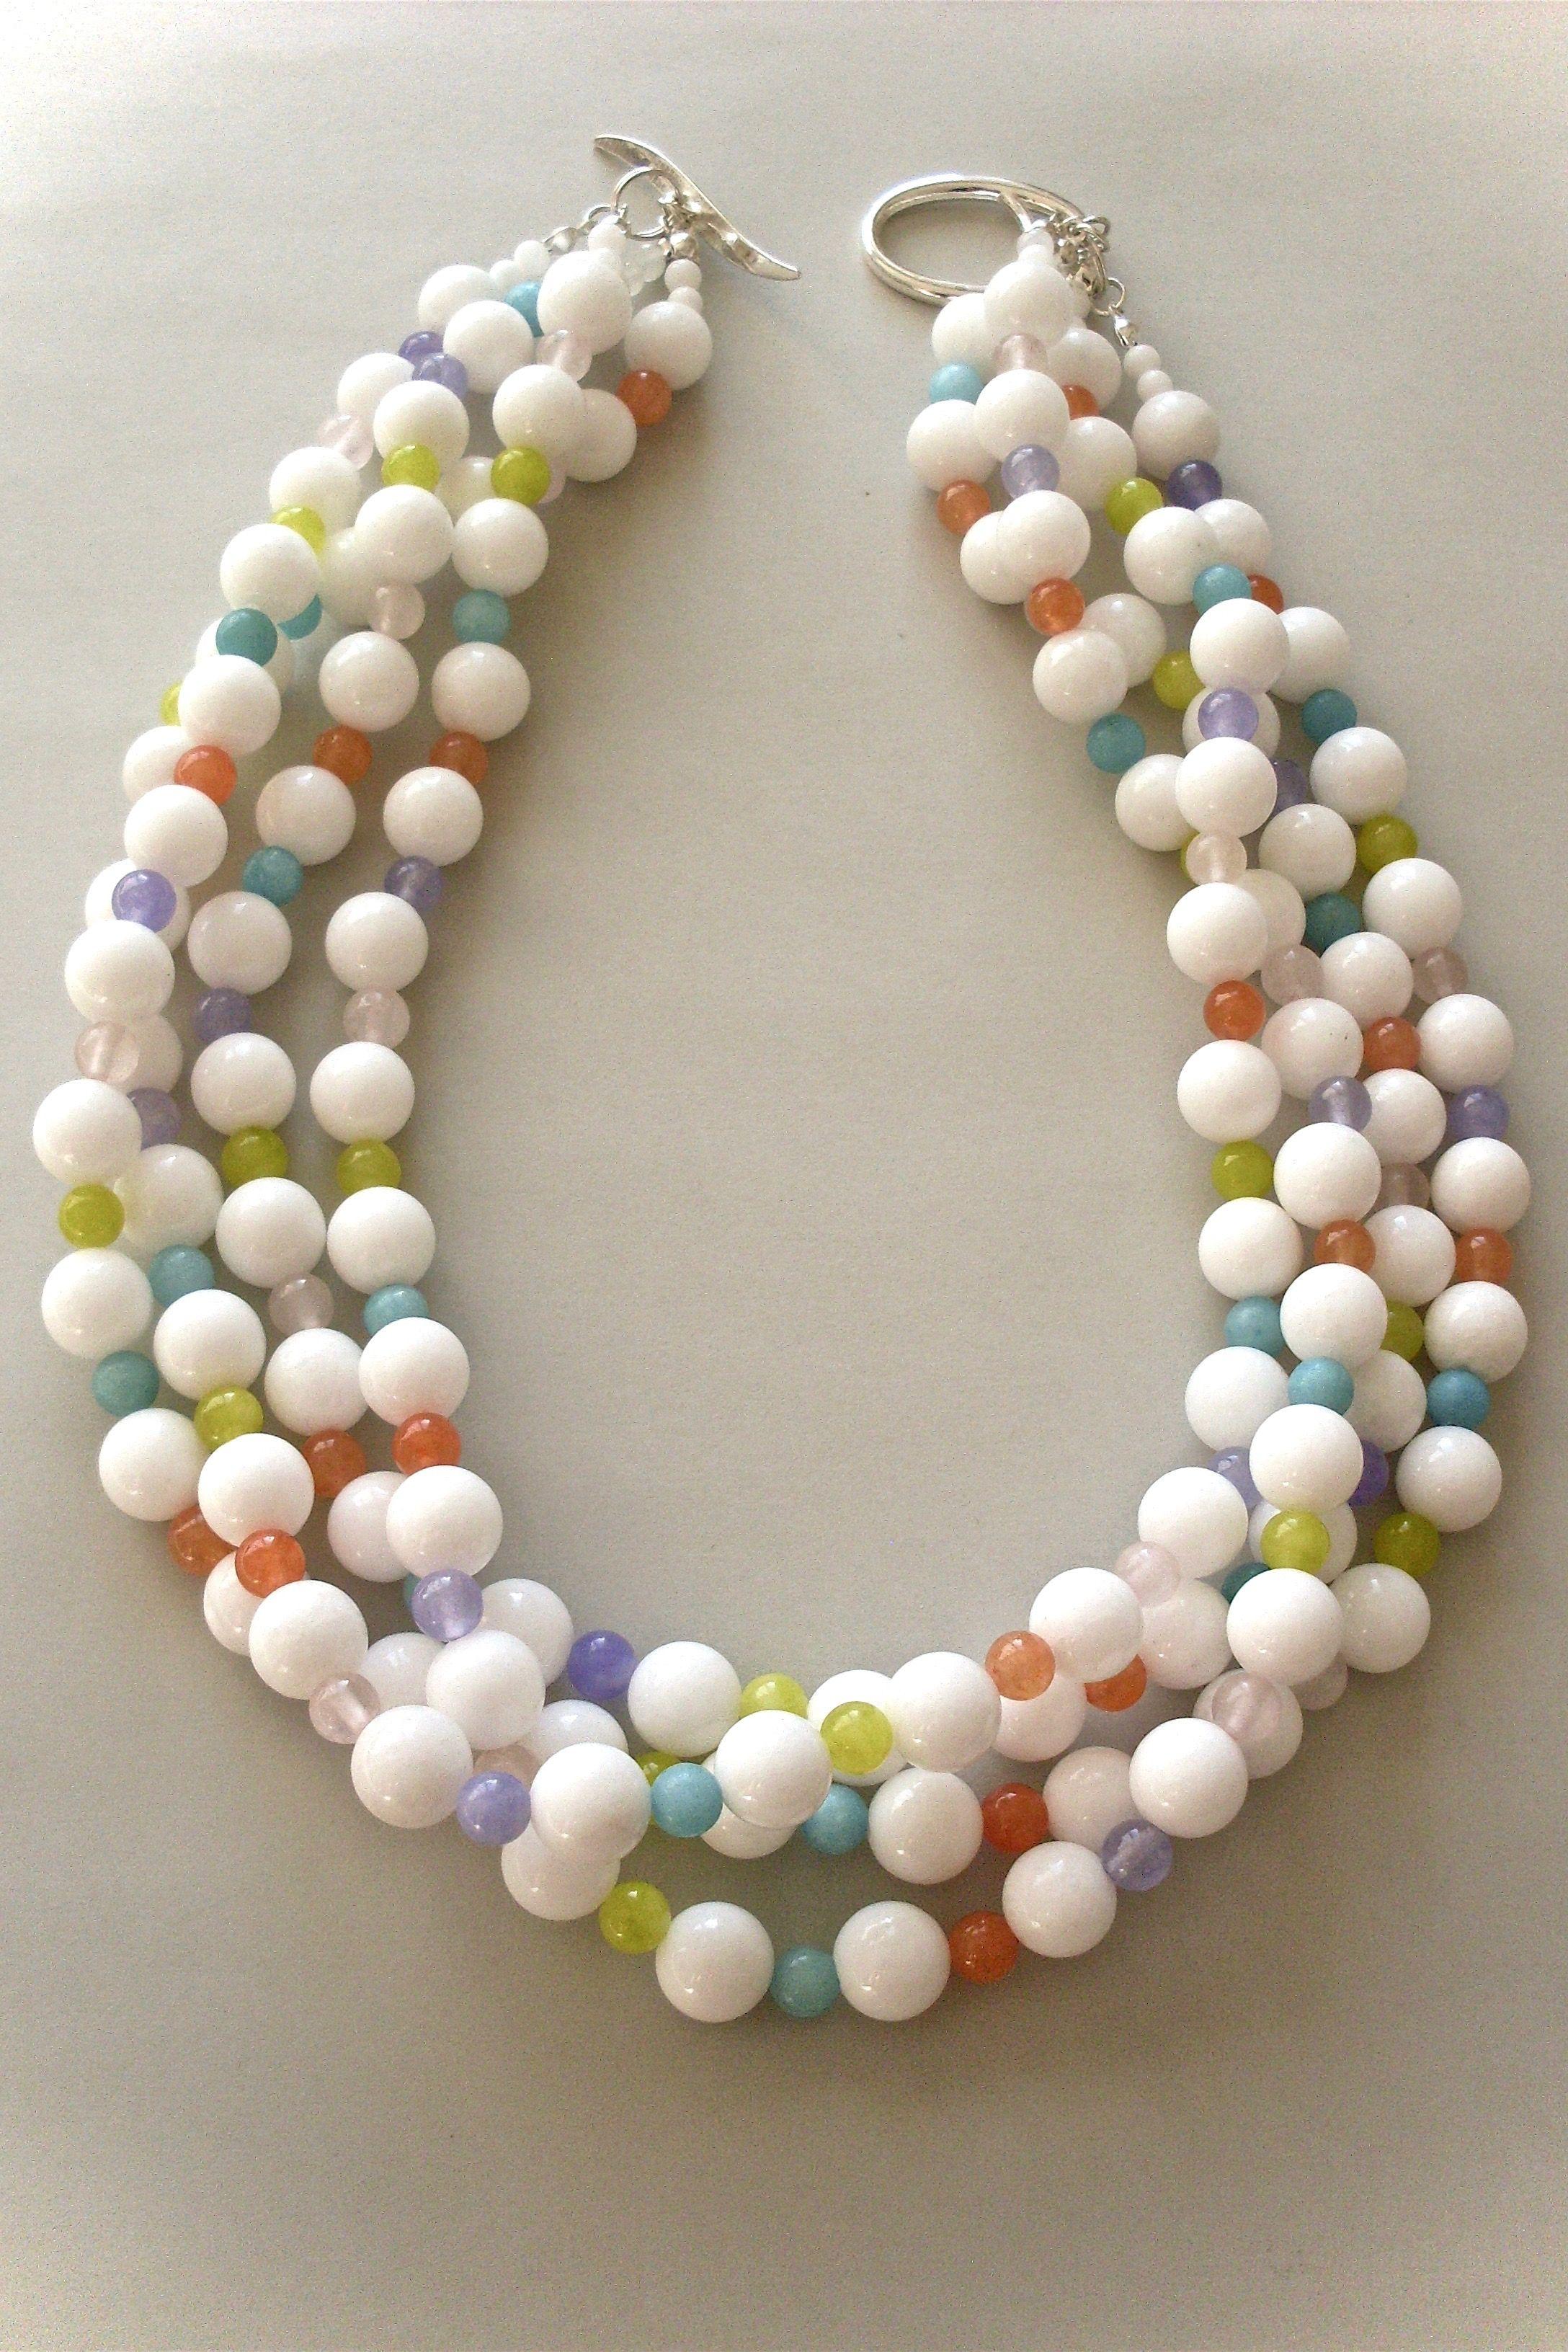 e0676a29c201dc Malaysia jade necklace by Yara Crowther #necklace #boldnecklace  #statementnecklace #whitestonejewelry #contemporarynewzealandjewellery  #multistrandnecklace ...